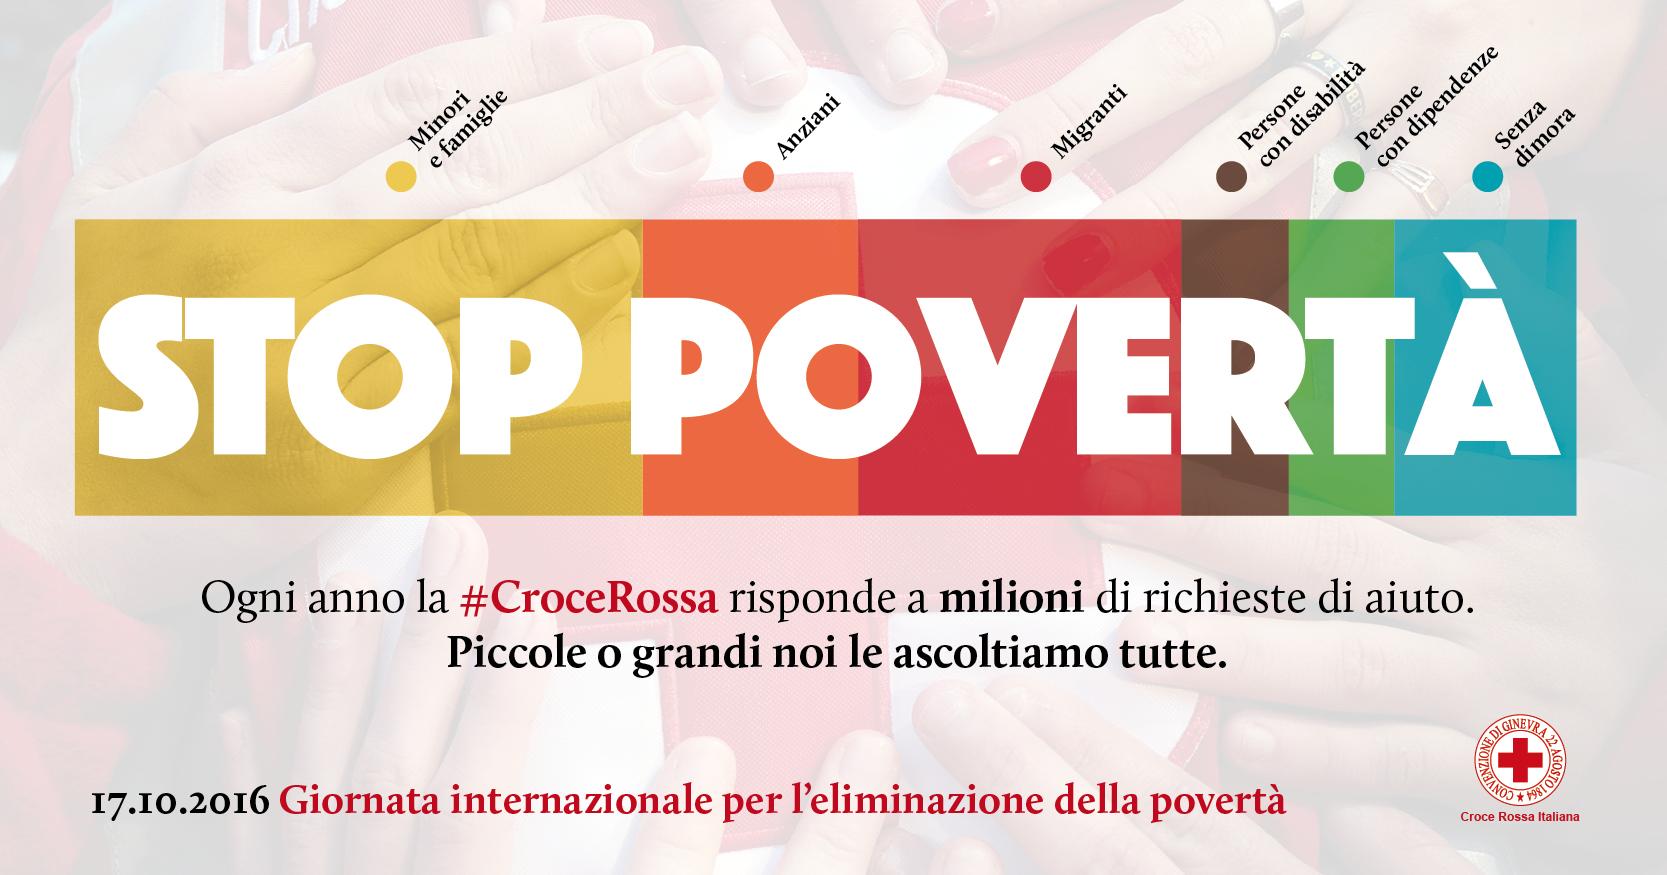 Giornata mondiale contro la povertà, la Croce Rossa forma 400 volontari per l'assistenza ai senza dimora